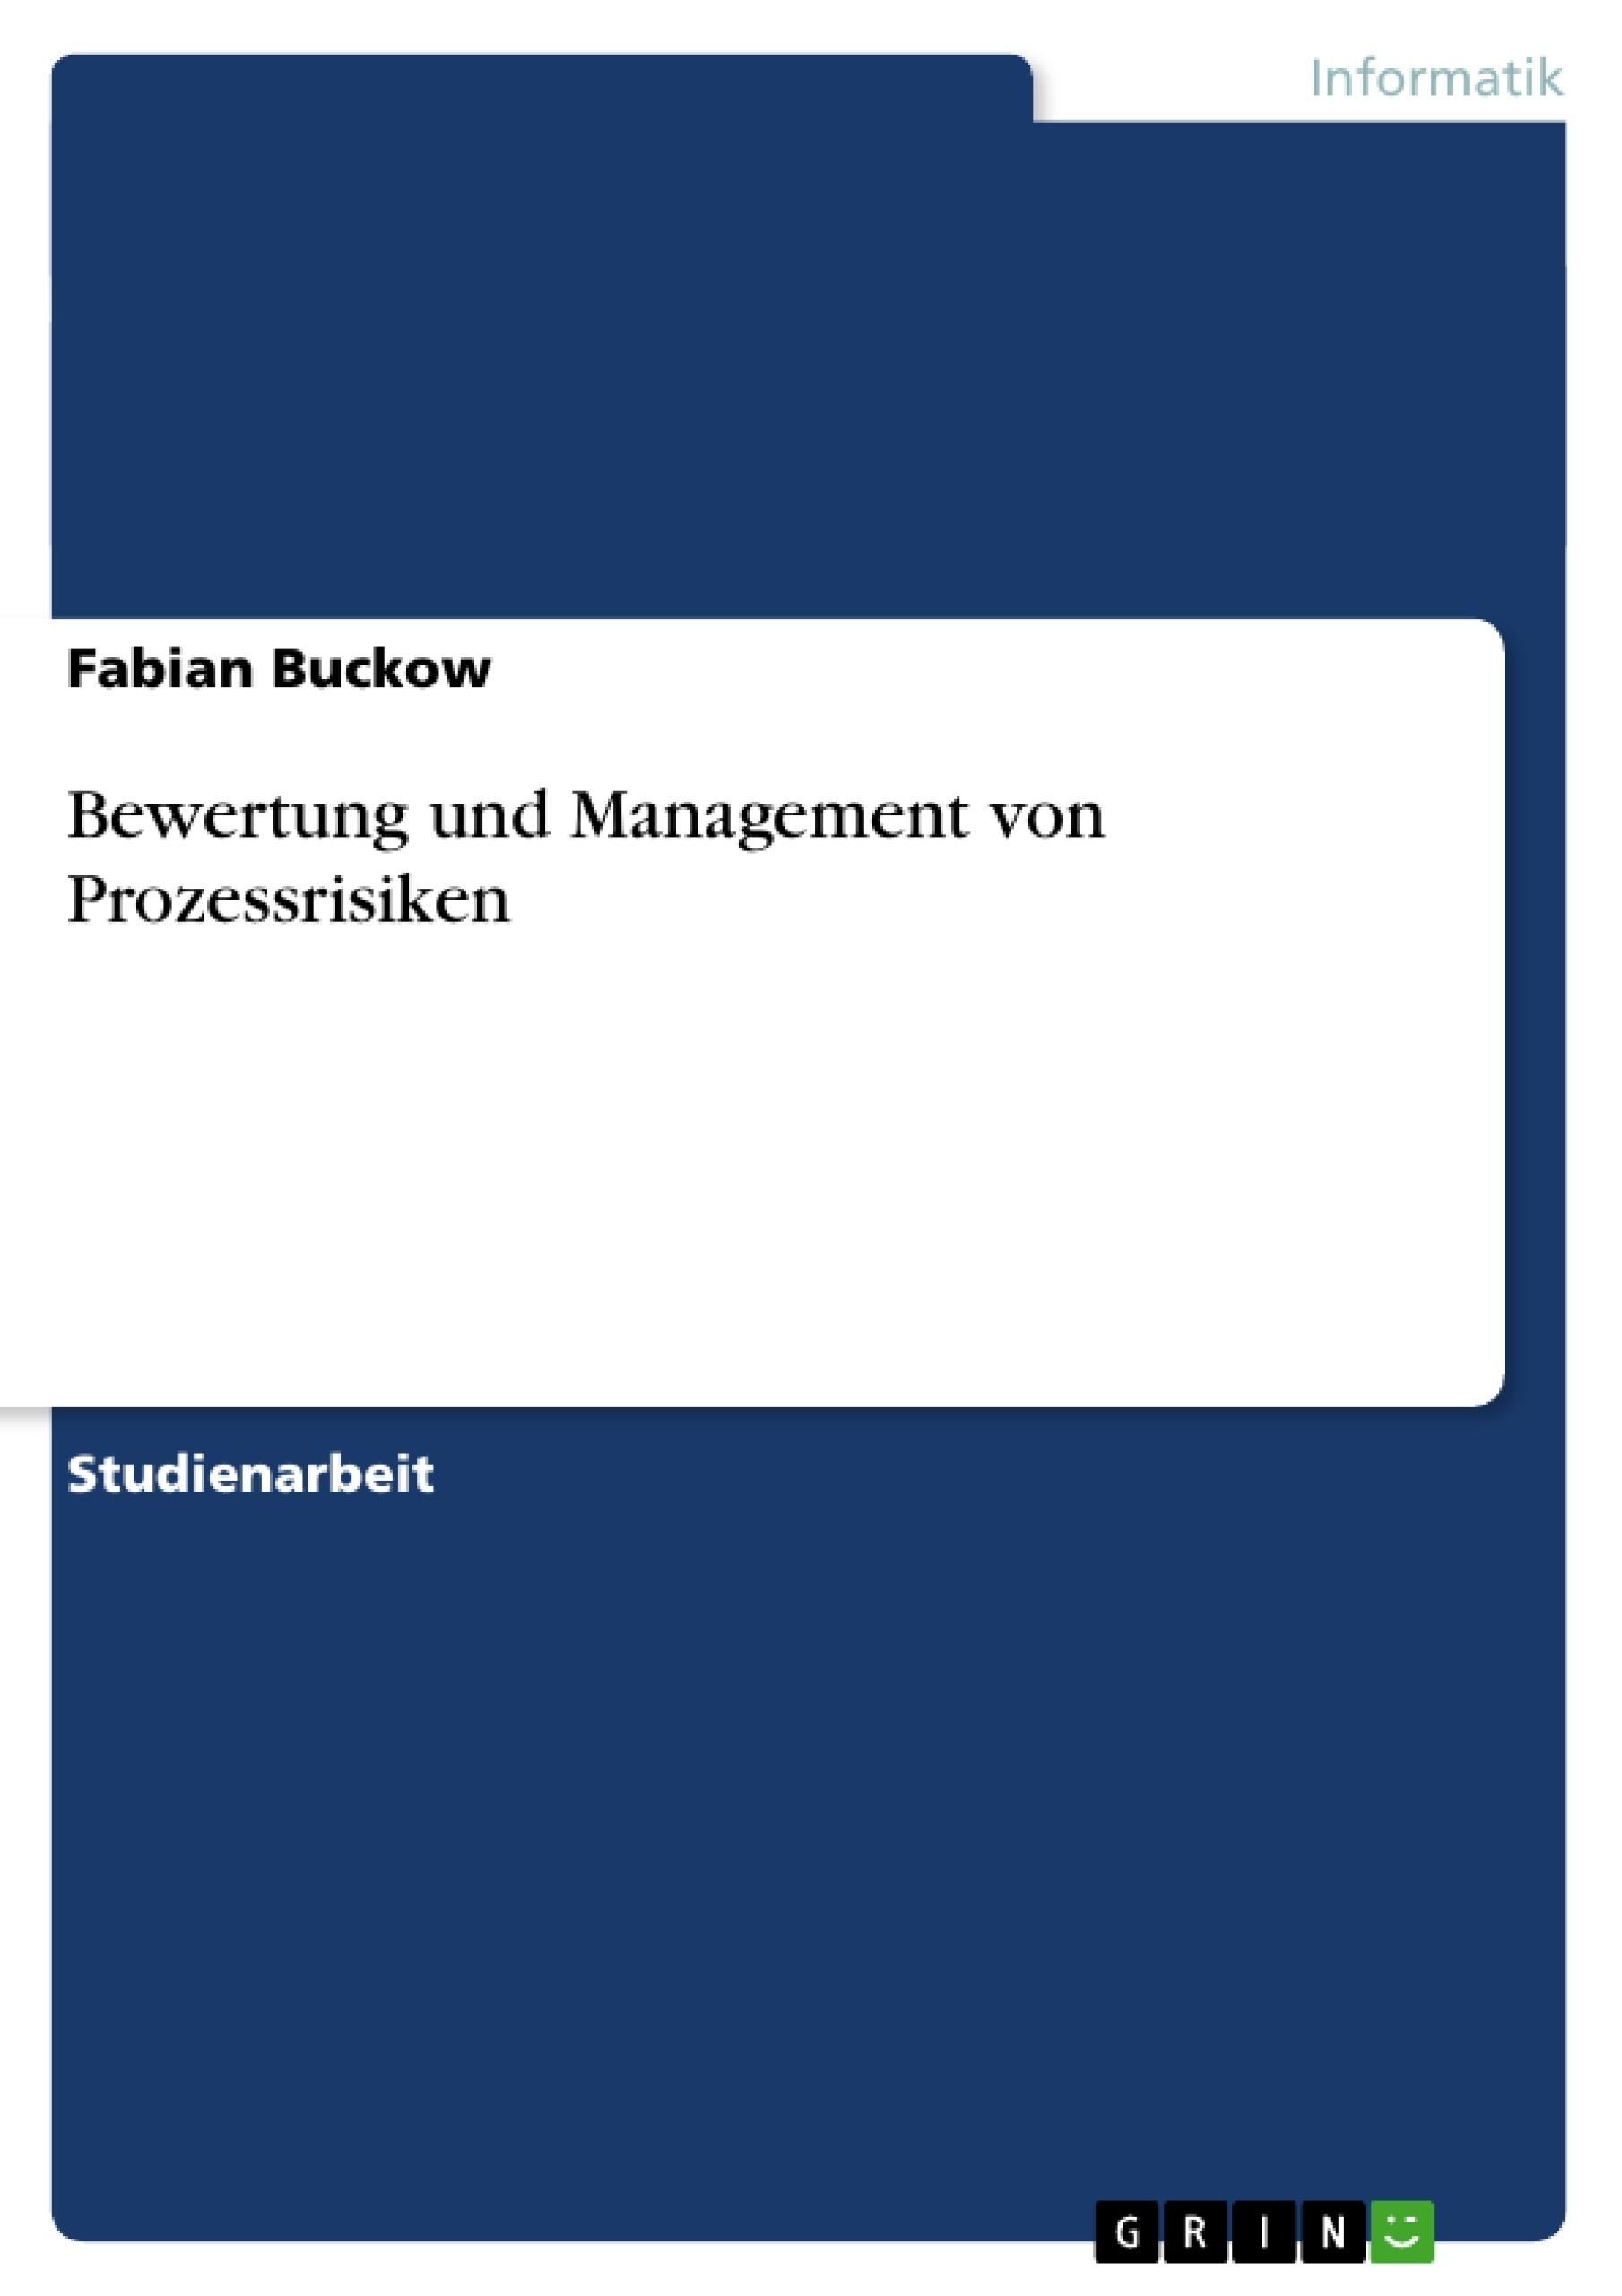 Titel: Bewertung und Management von Prozessrisiken